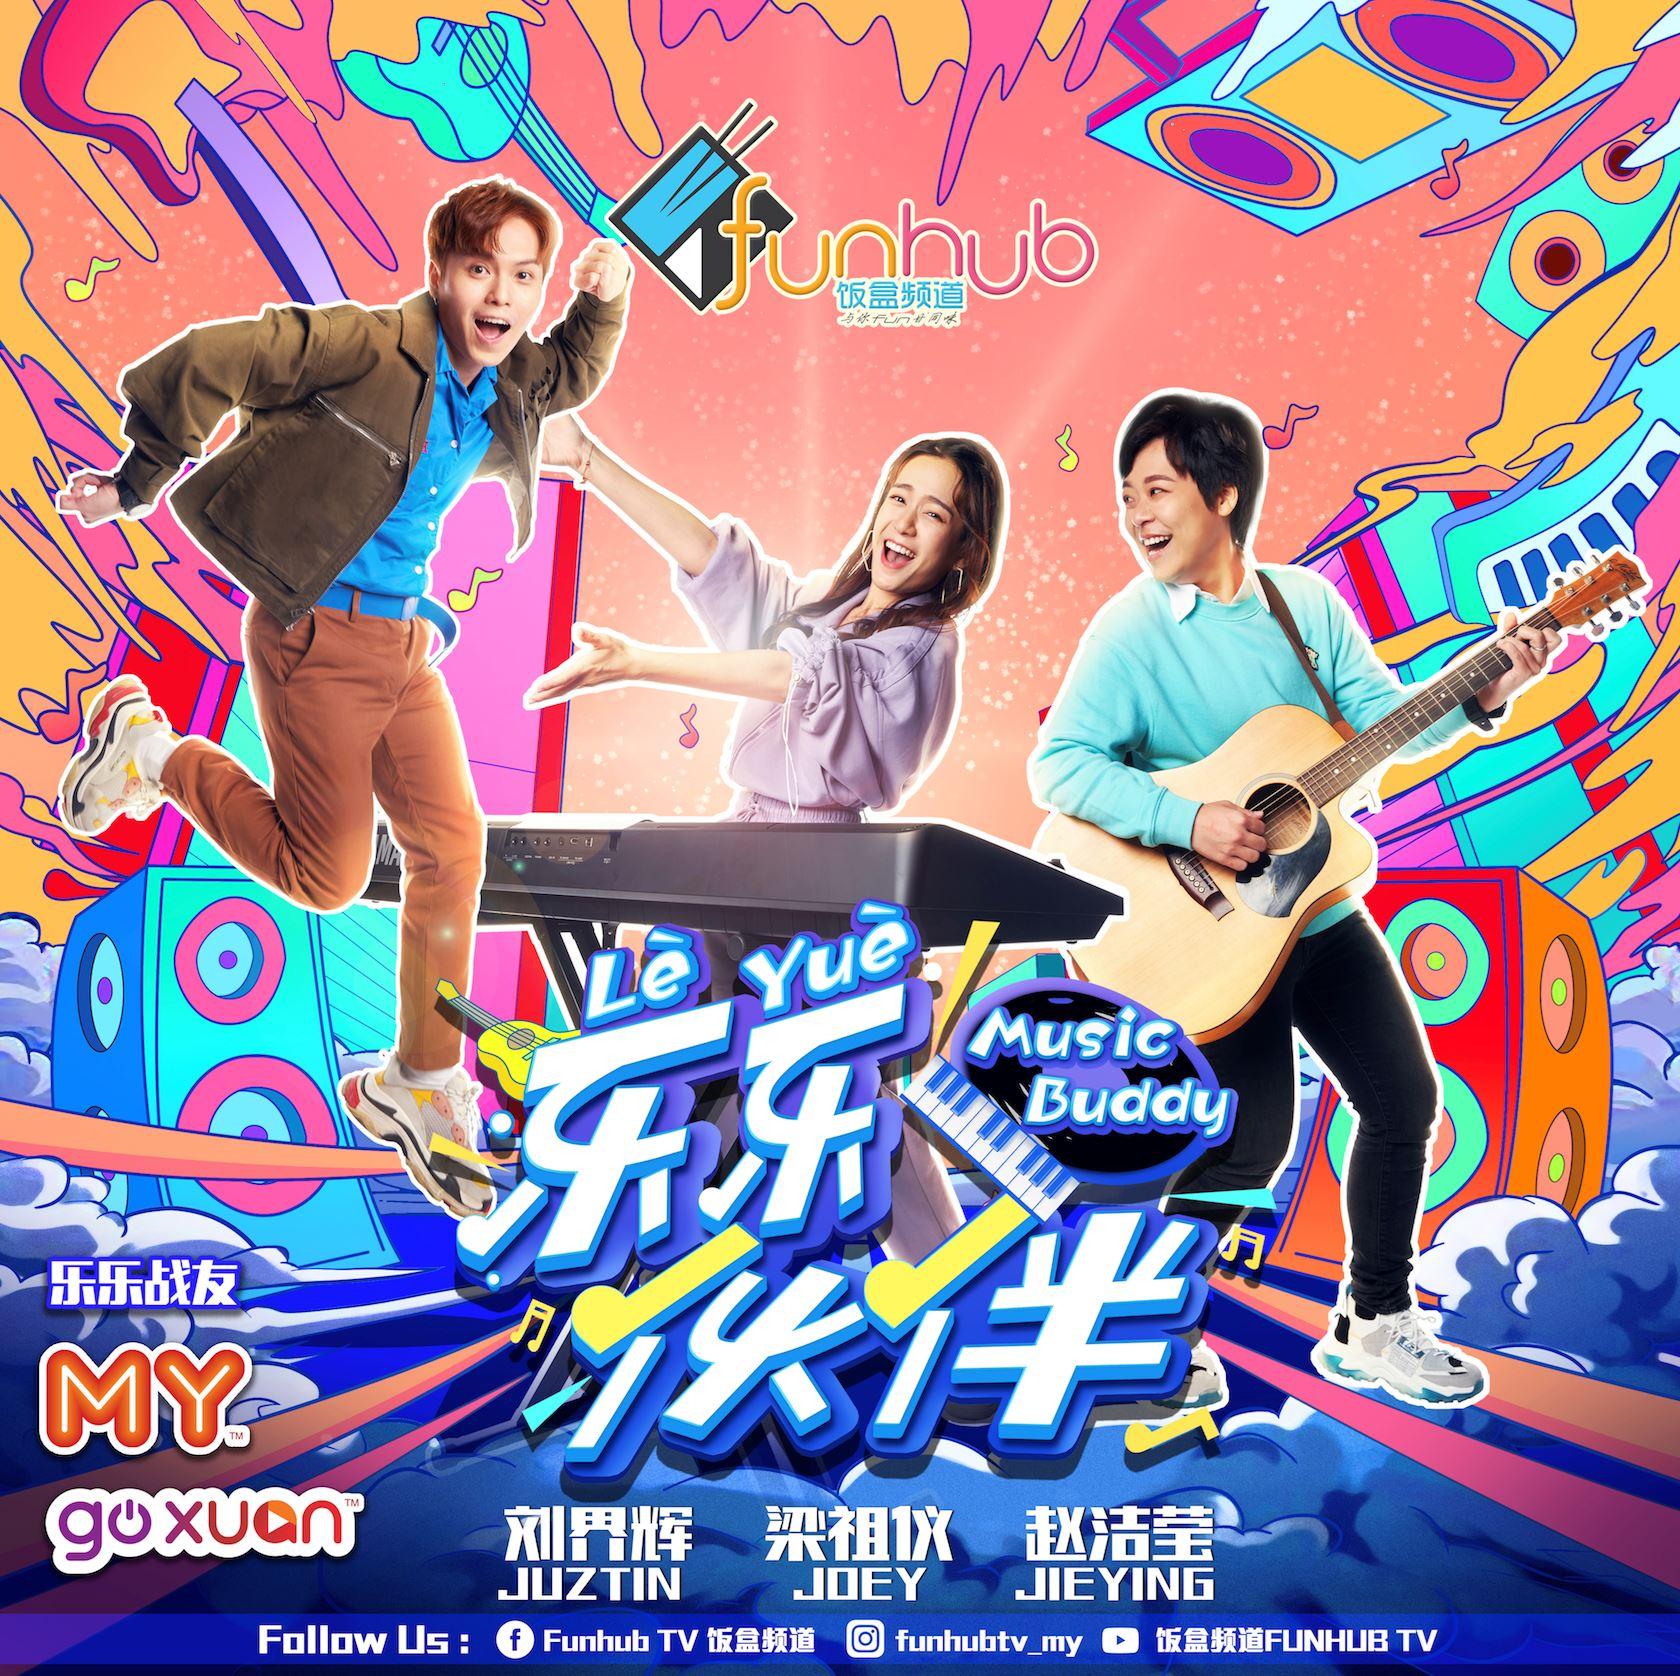 刘界辉、梁祖仪、赵洁莹组3j❗️制作《乐乐伙伴》正式征稿🔥